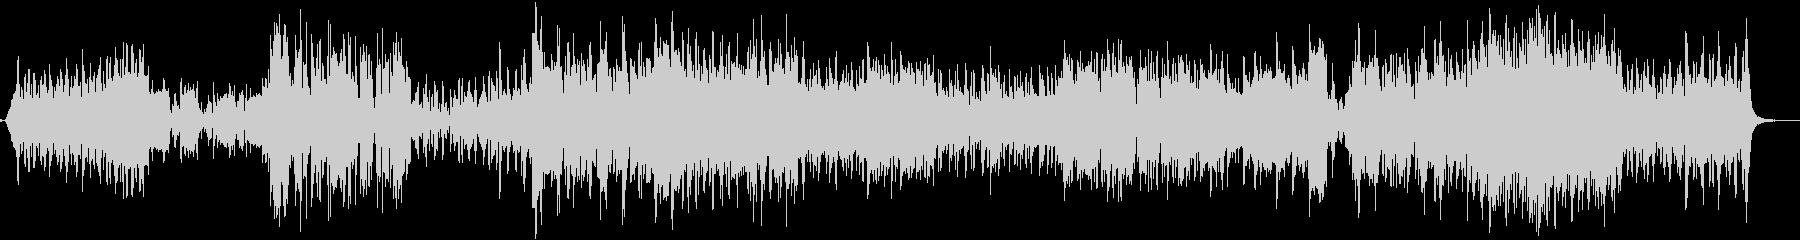 アコーディオンと弦楽器を使ったノイズ系曲の未再生の波形